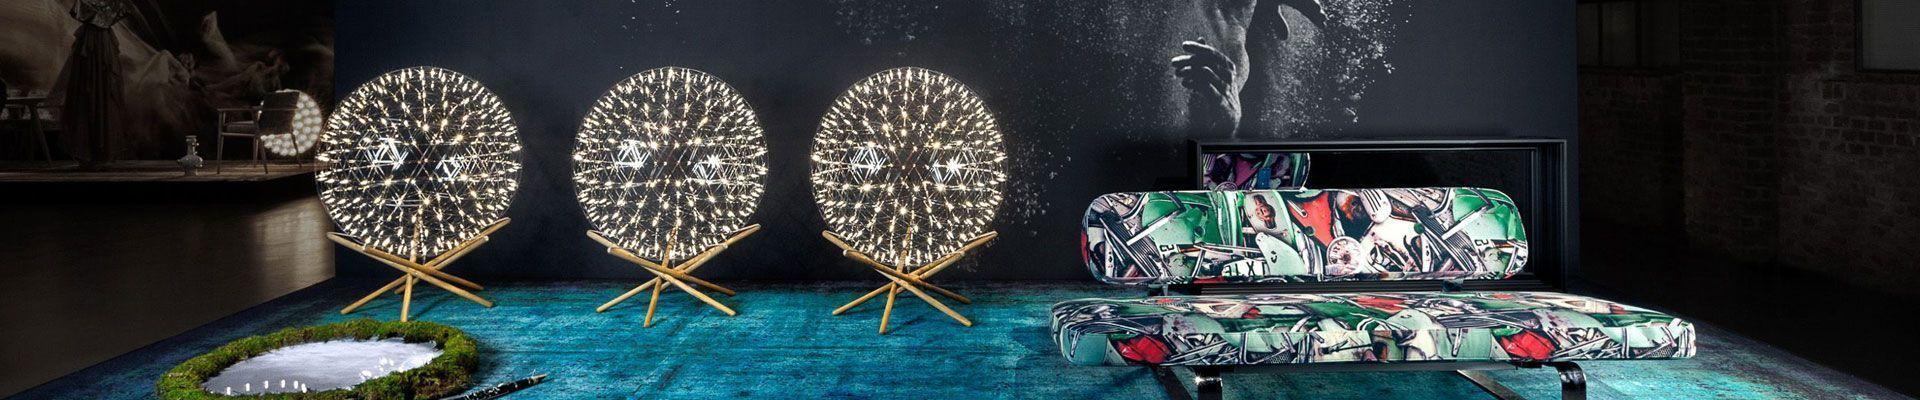 Schön Der Ultraleichte Carbon Stuhl Von Moooi U2013 Merkante Form Und, Möbel